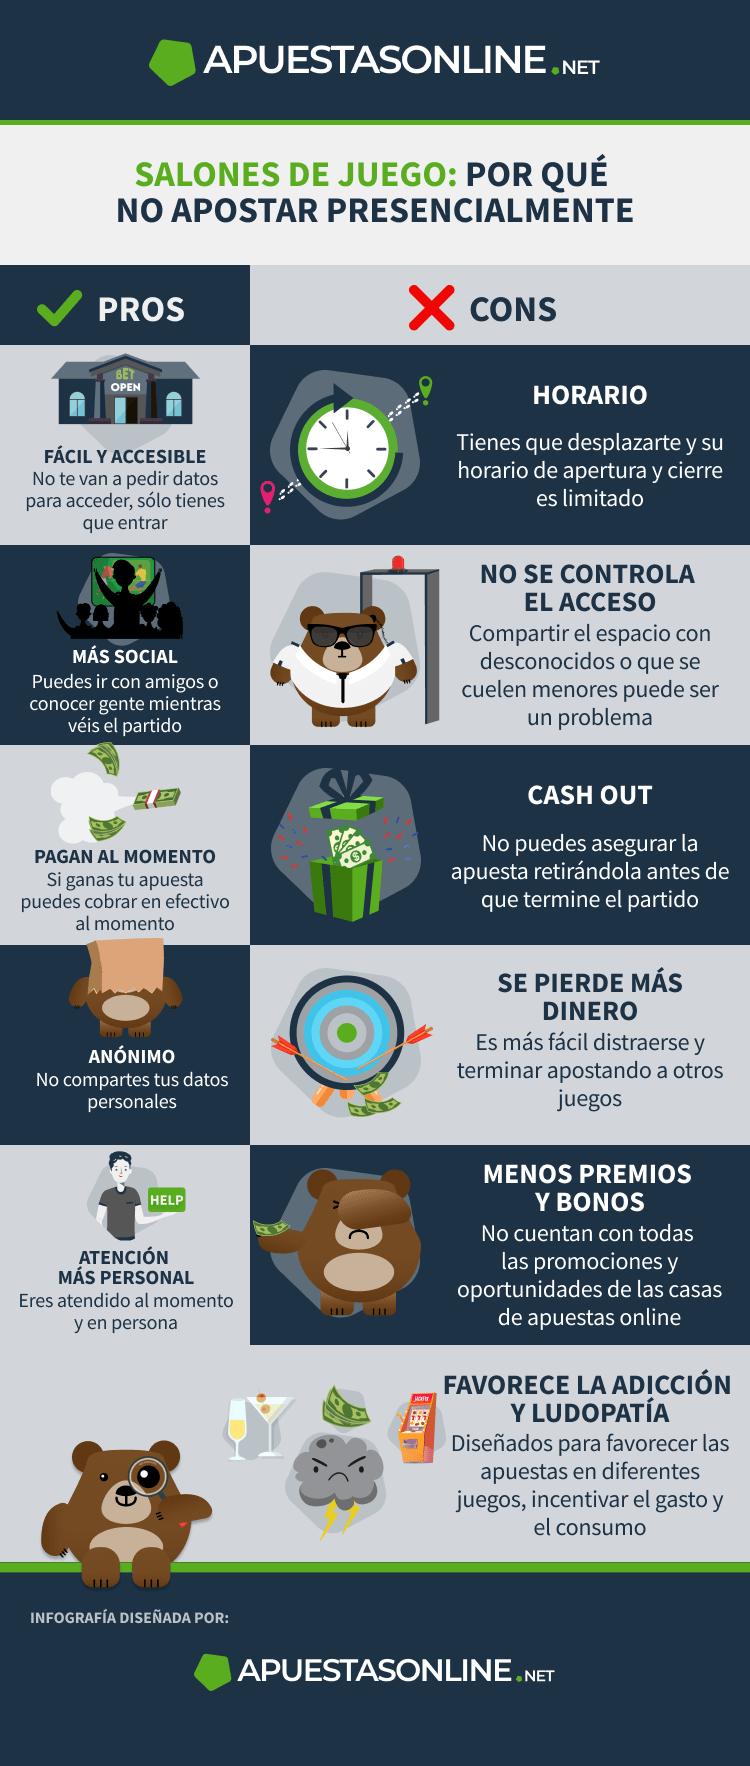 Infografía de ApuestasOnline.net sobre por qué no apostar en salones de juego